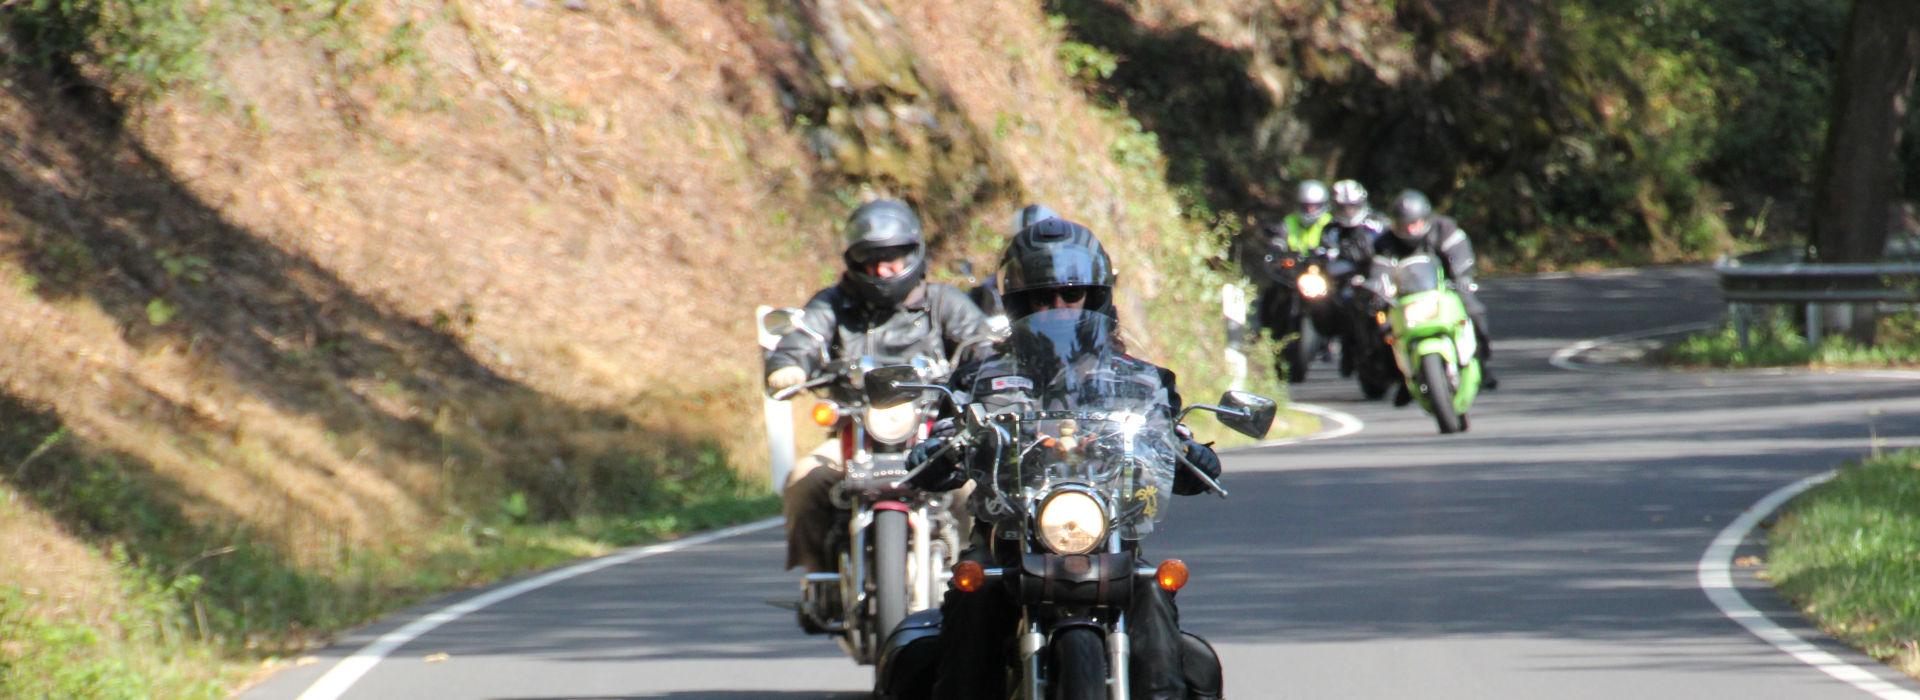 Motorrijbewijspoint Middelharnis spoed motorrijbewijs